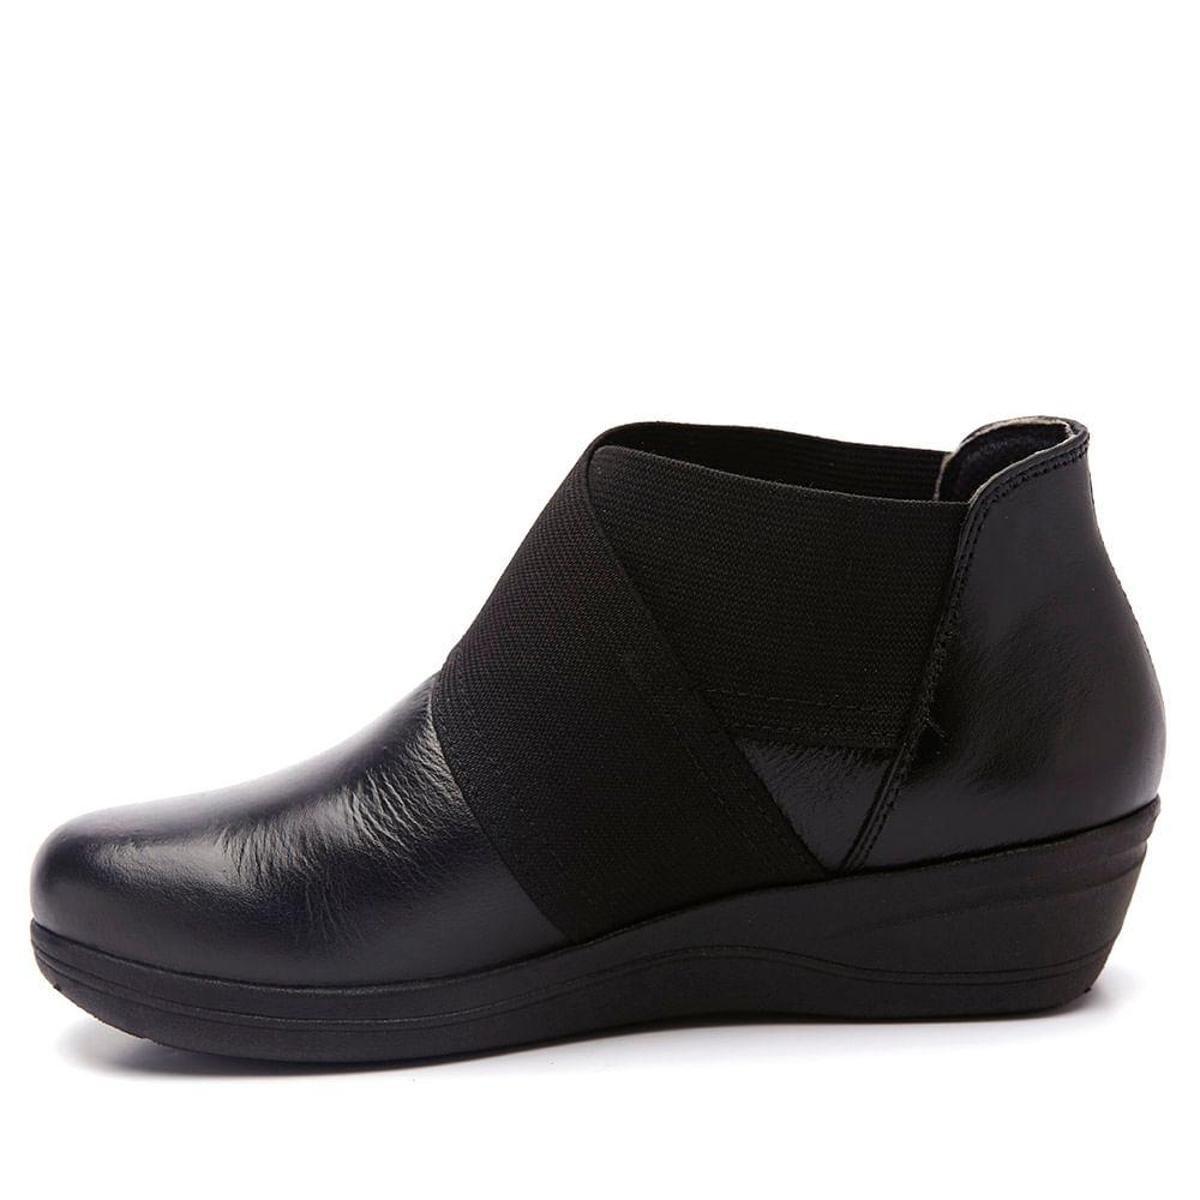 331c508809 Sapato Feminino 159 em Couro Doctor Shoes - Compre Agora